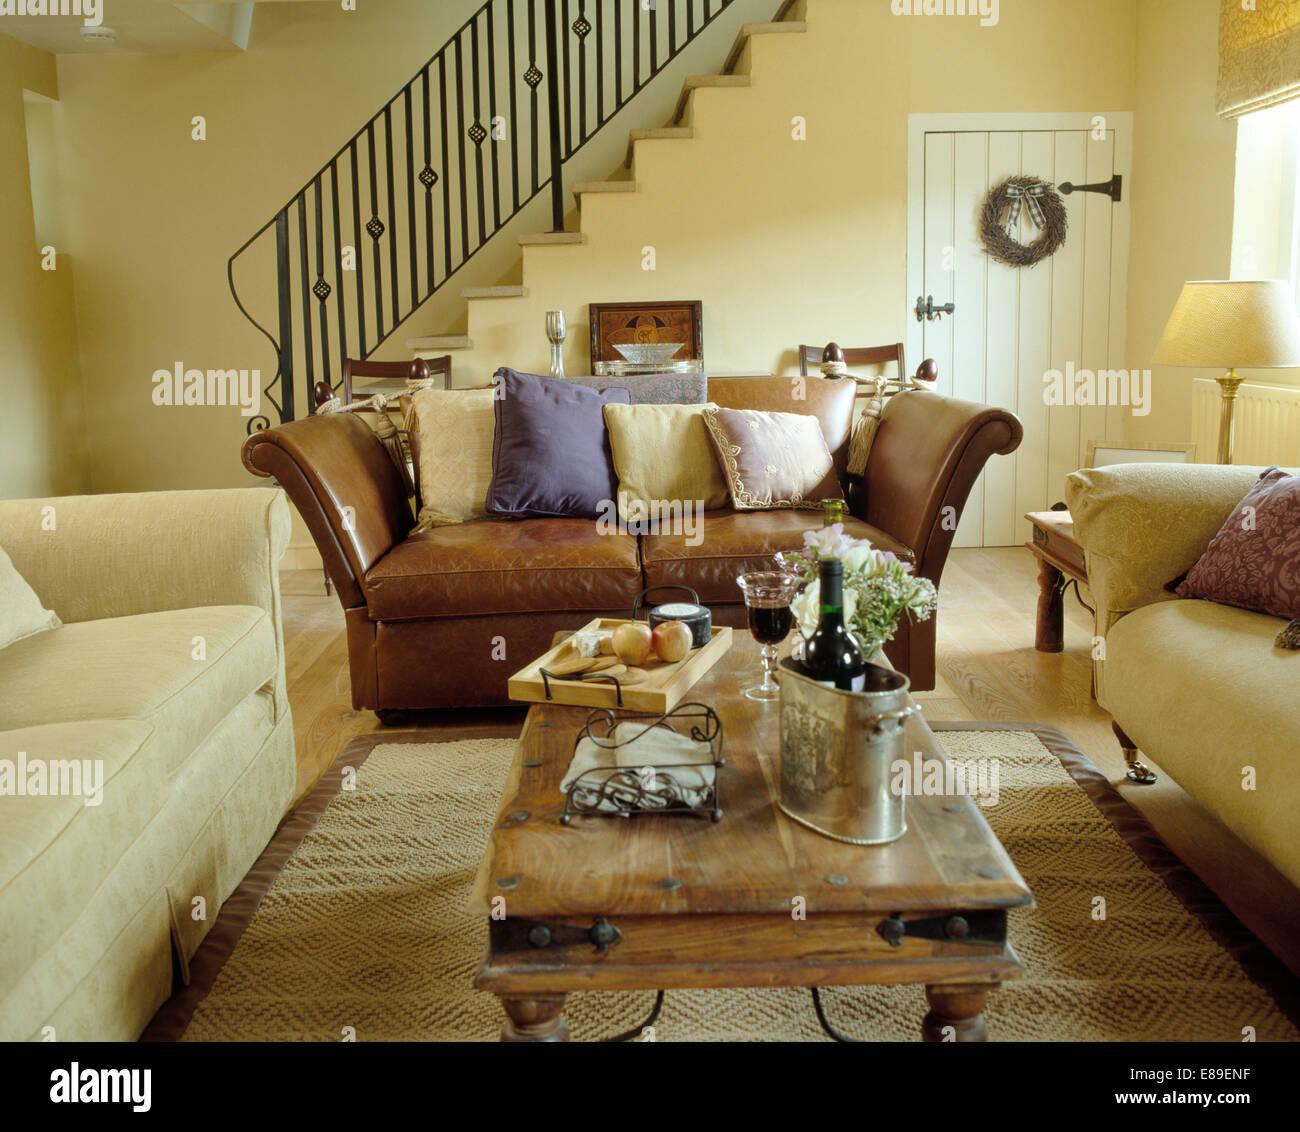 autour d un canape interesting manuel canovas comment bien d corer autour du canap salon canap. Black Bedroom Furniture Sets. Home Design Ideas